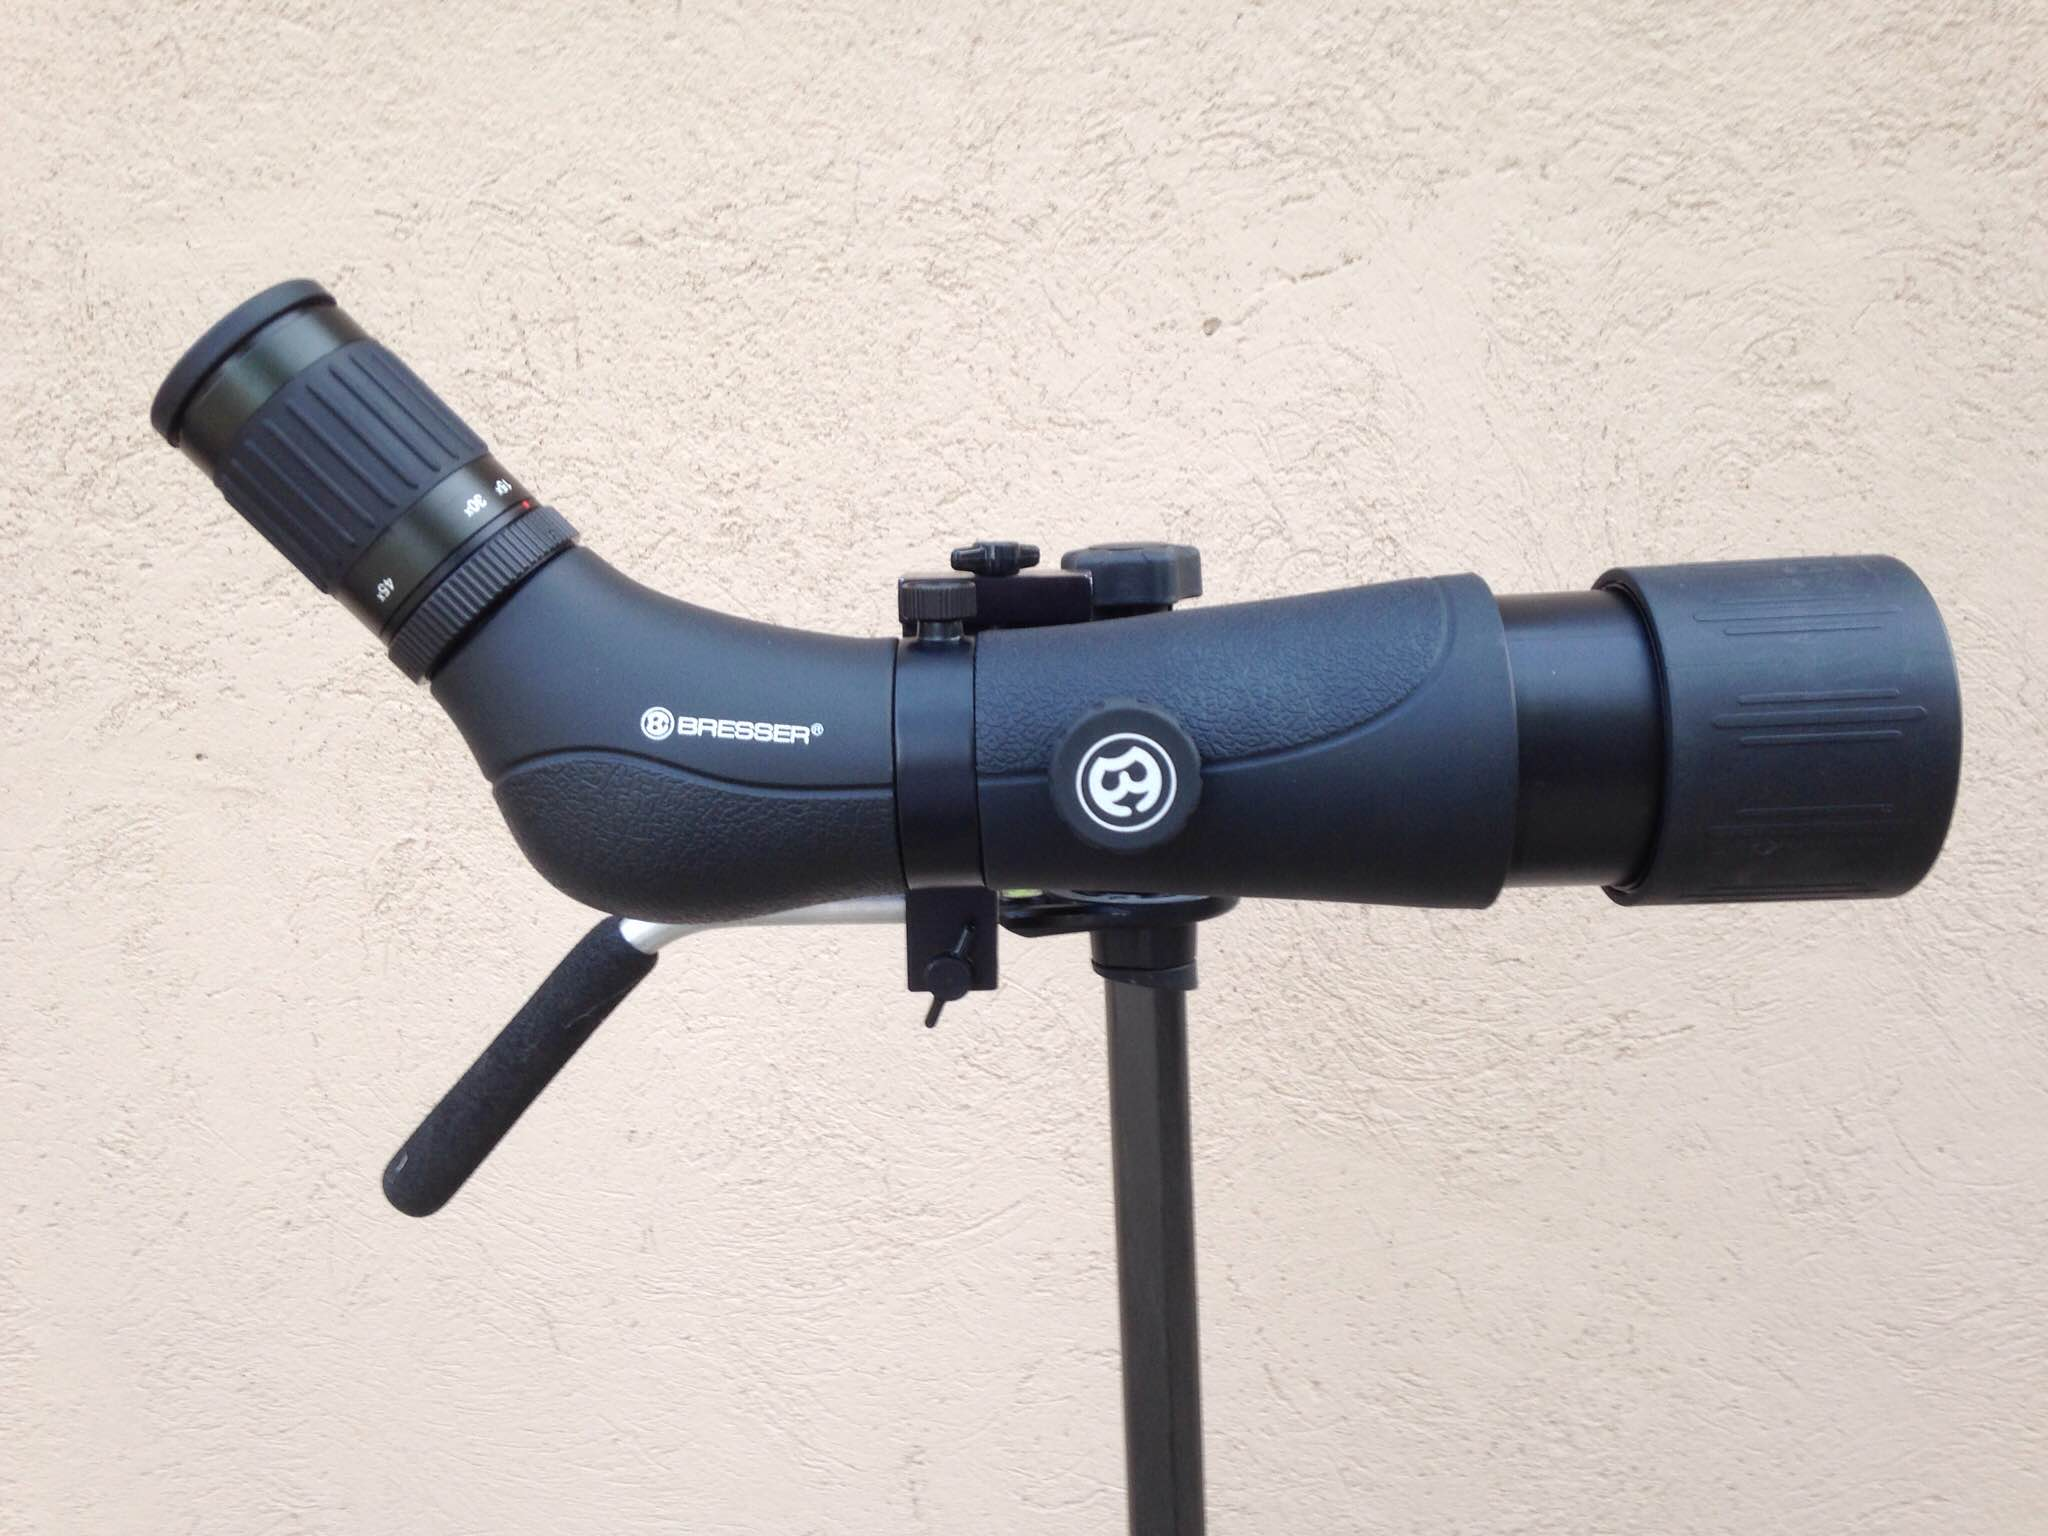 Bresser Spektar 15-45x60 6 - side view